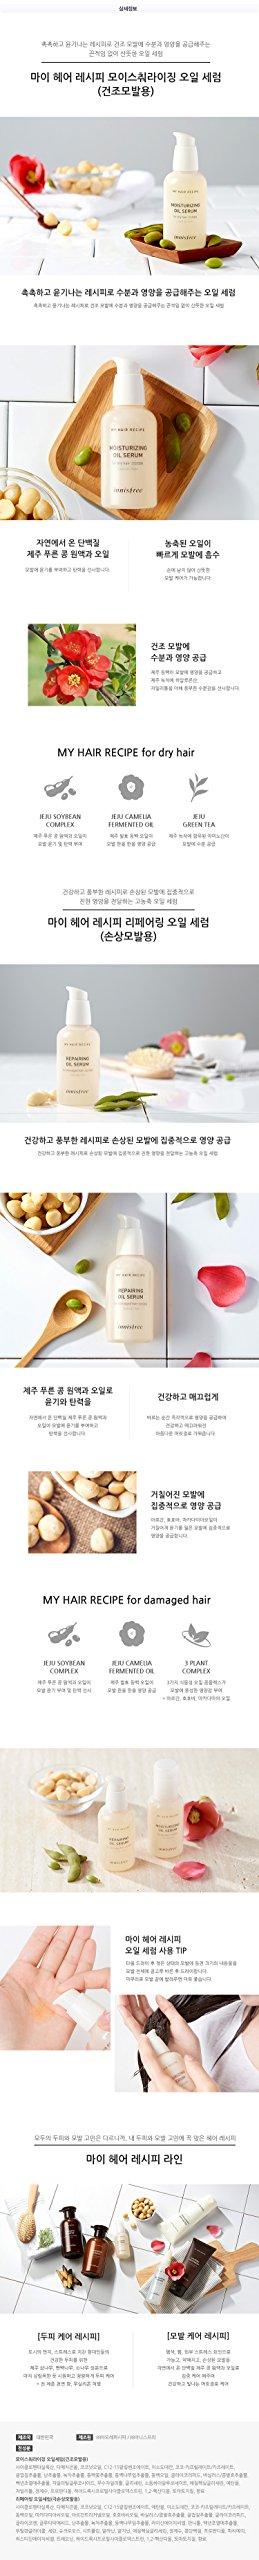 [Innisfree] My Hair Recipe Oil Serum 70ml #01 Moisturizing Oil Serum (for dry hair) by Innisfree